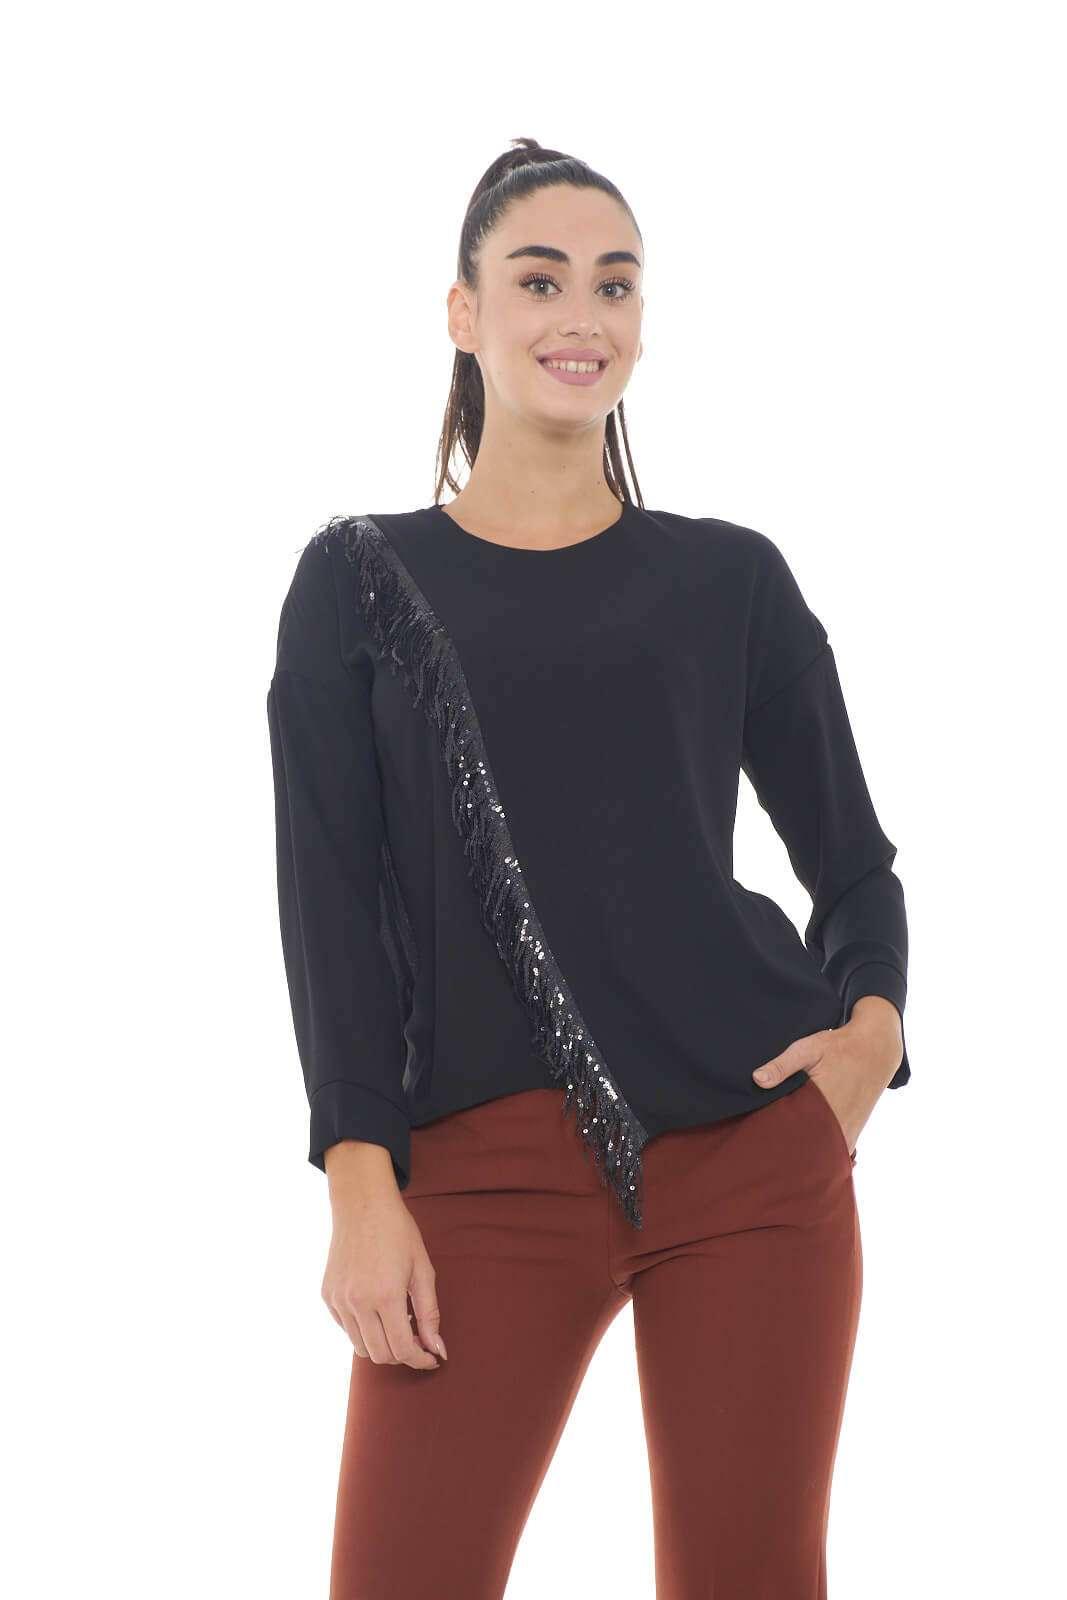 Una blusa che nella sua semplicità ti conquisterà. Le paillettes applicate regalano un tocco in più, per look mai banali. Perfetta da indossare con jeans o pantaloni, per outfit quotidiani sempre curati.  La modella è alta 1,78m e indossa la taglia S.